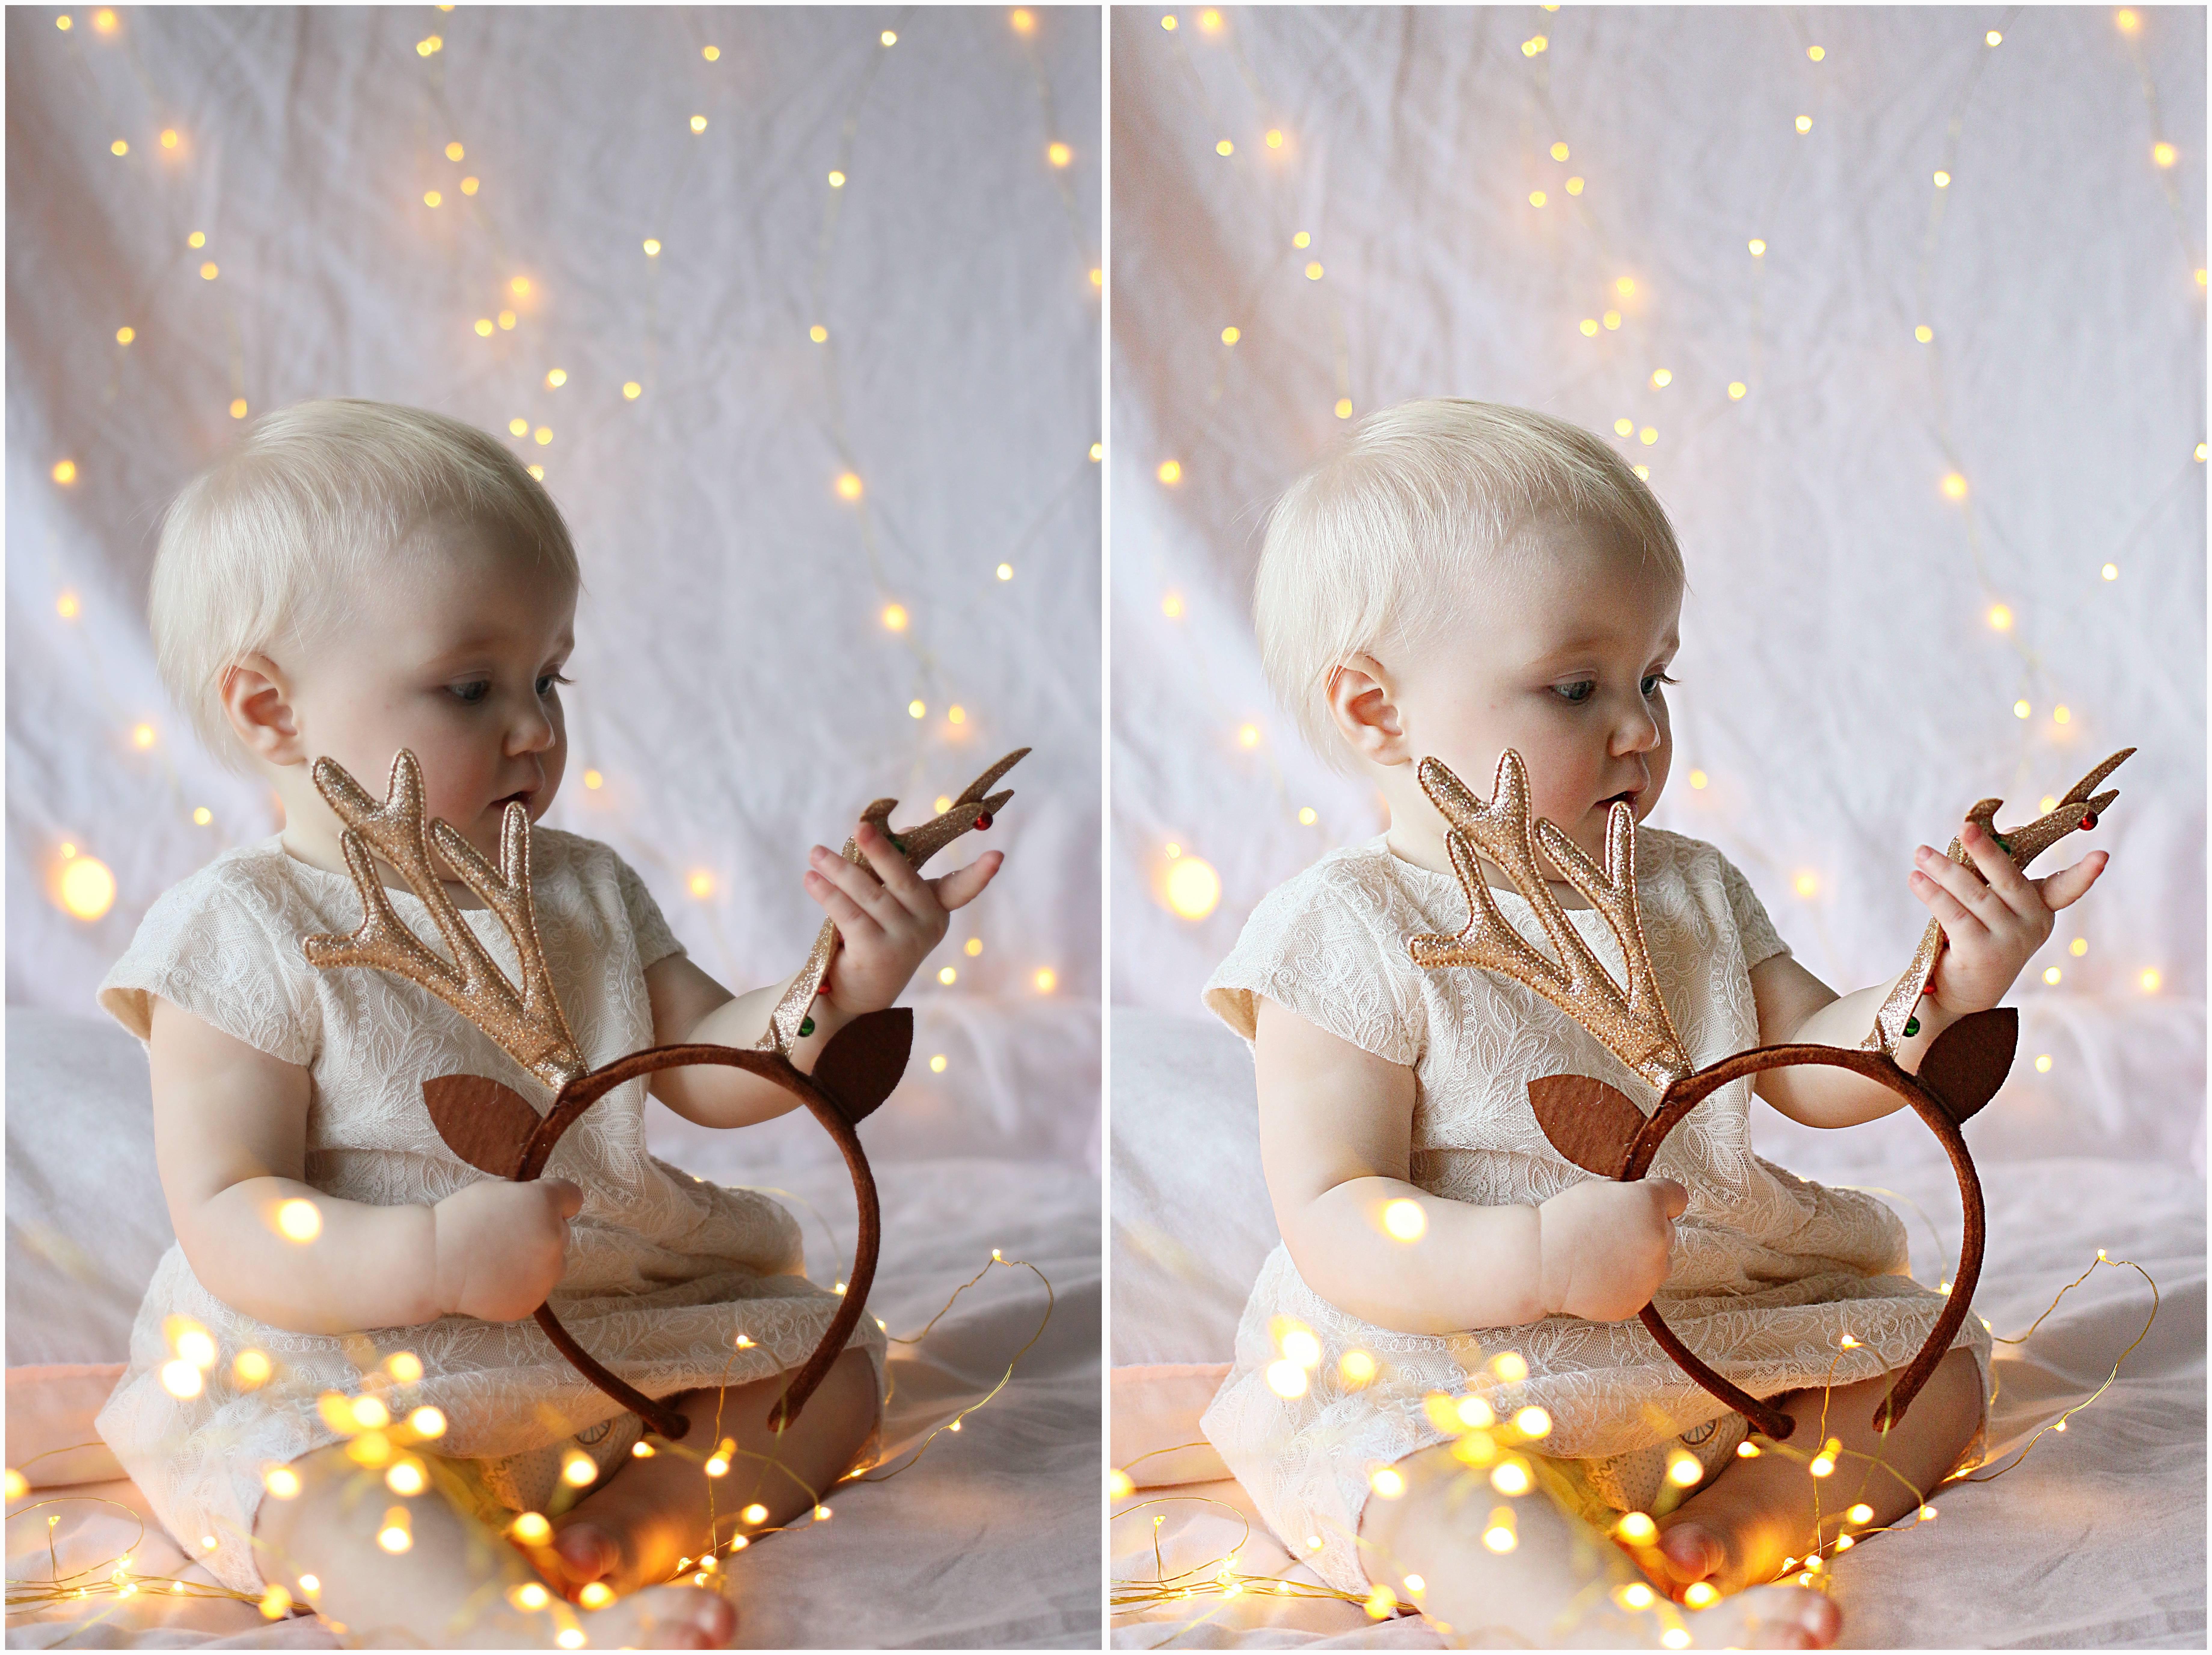 joulukorttikuva lapsesta, vinkit